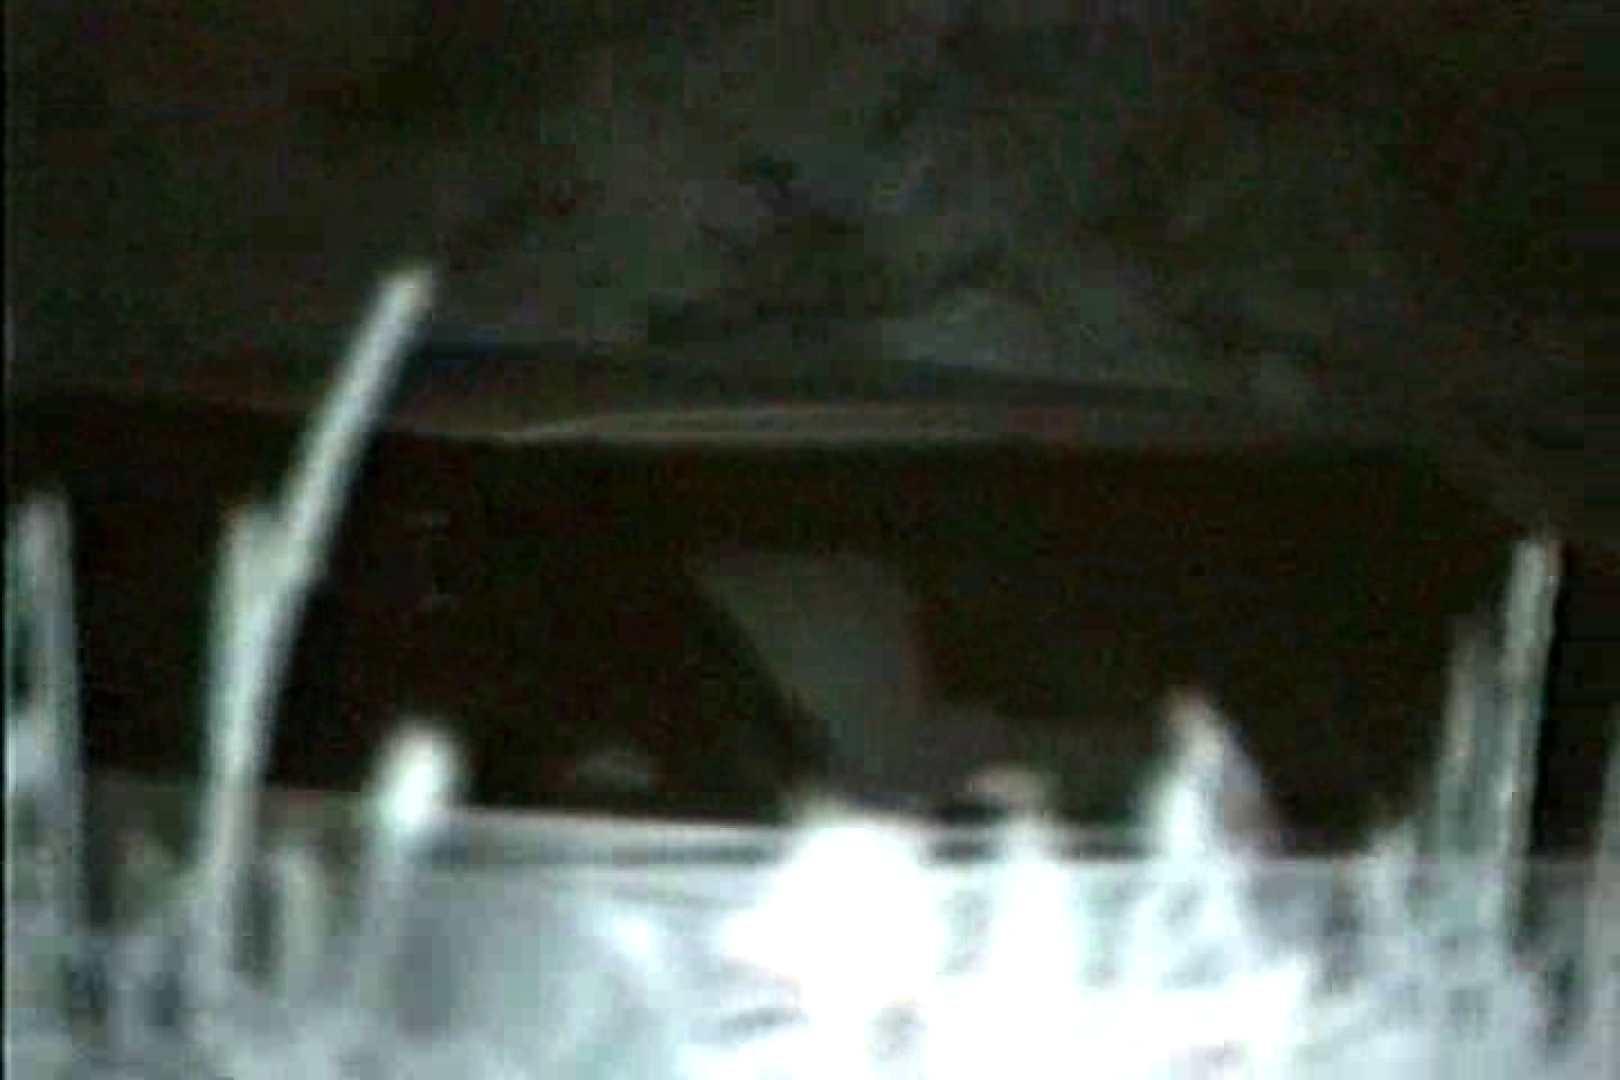 車の中はラブホテル 無修正版  Vol.6 名作  89画像 48